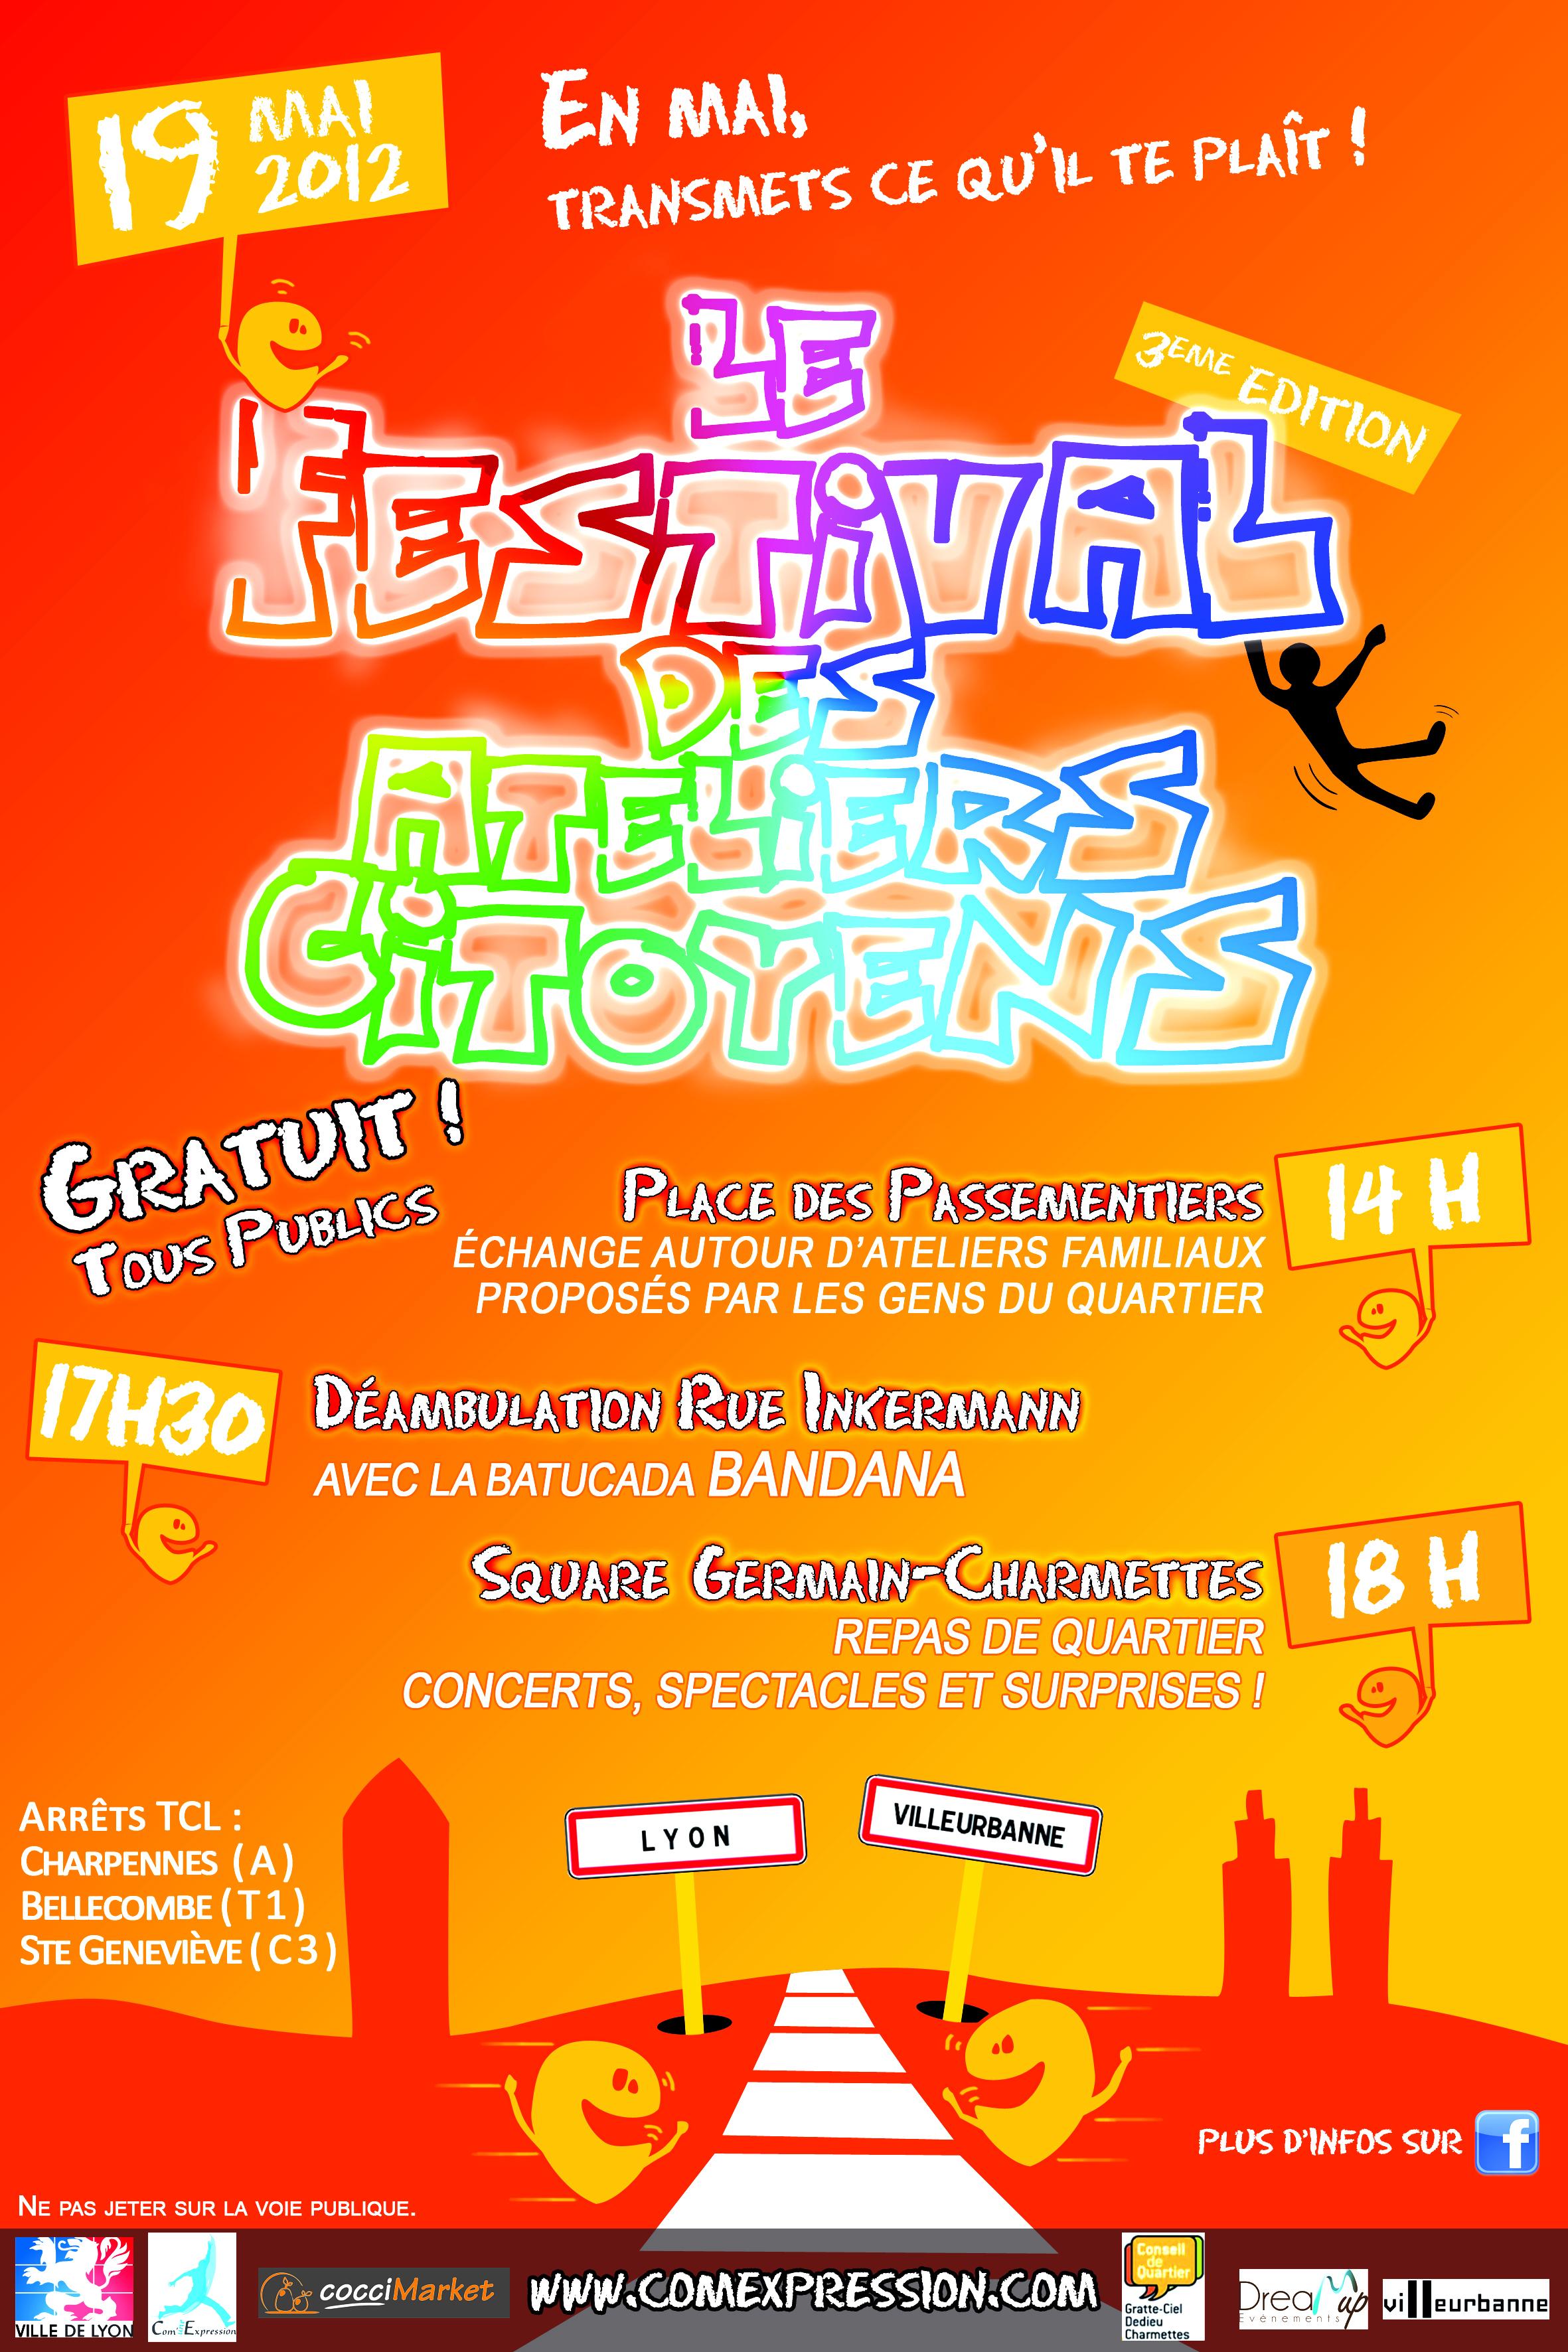 affiche du festival des ateliers citoyens 2012